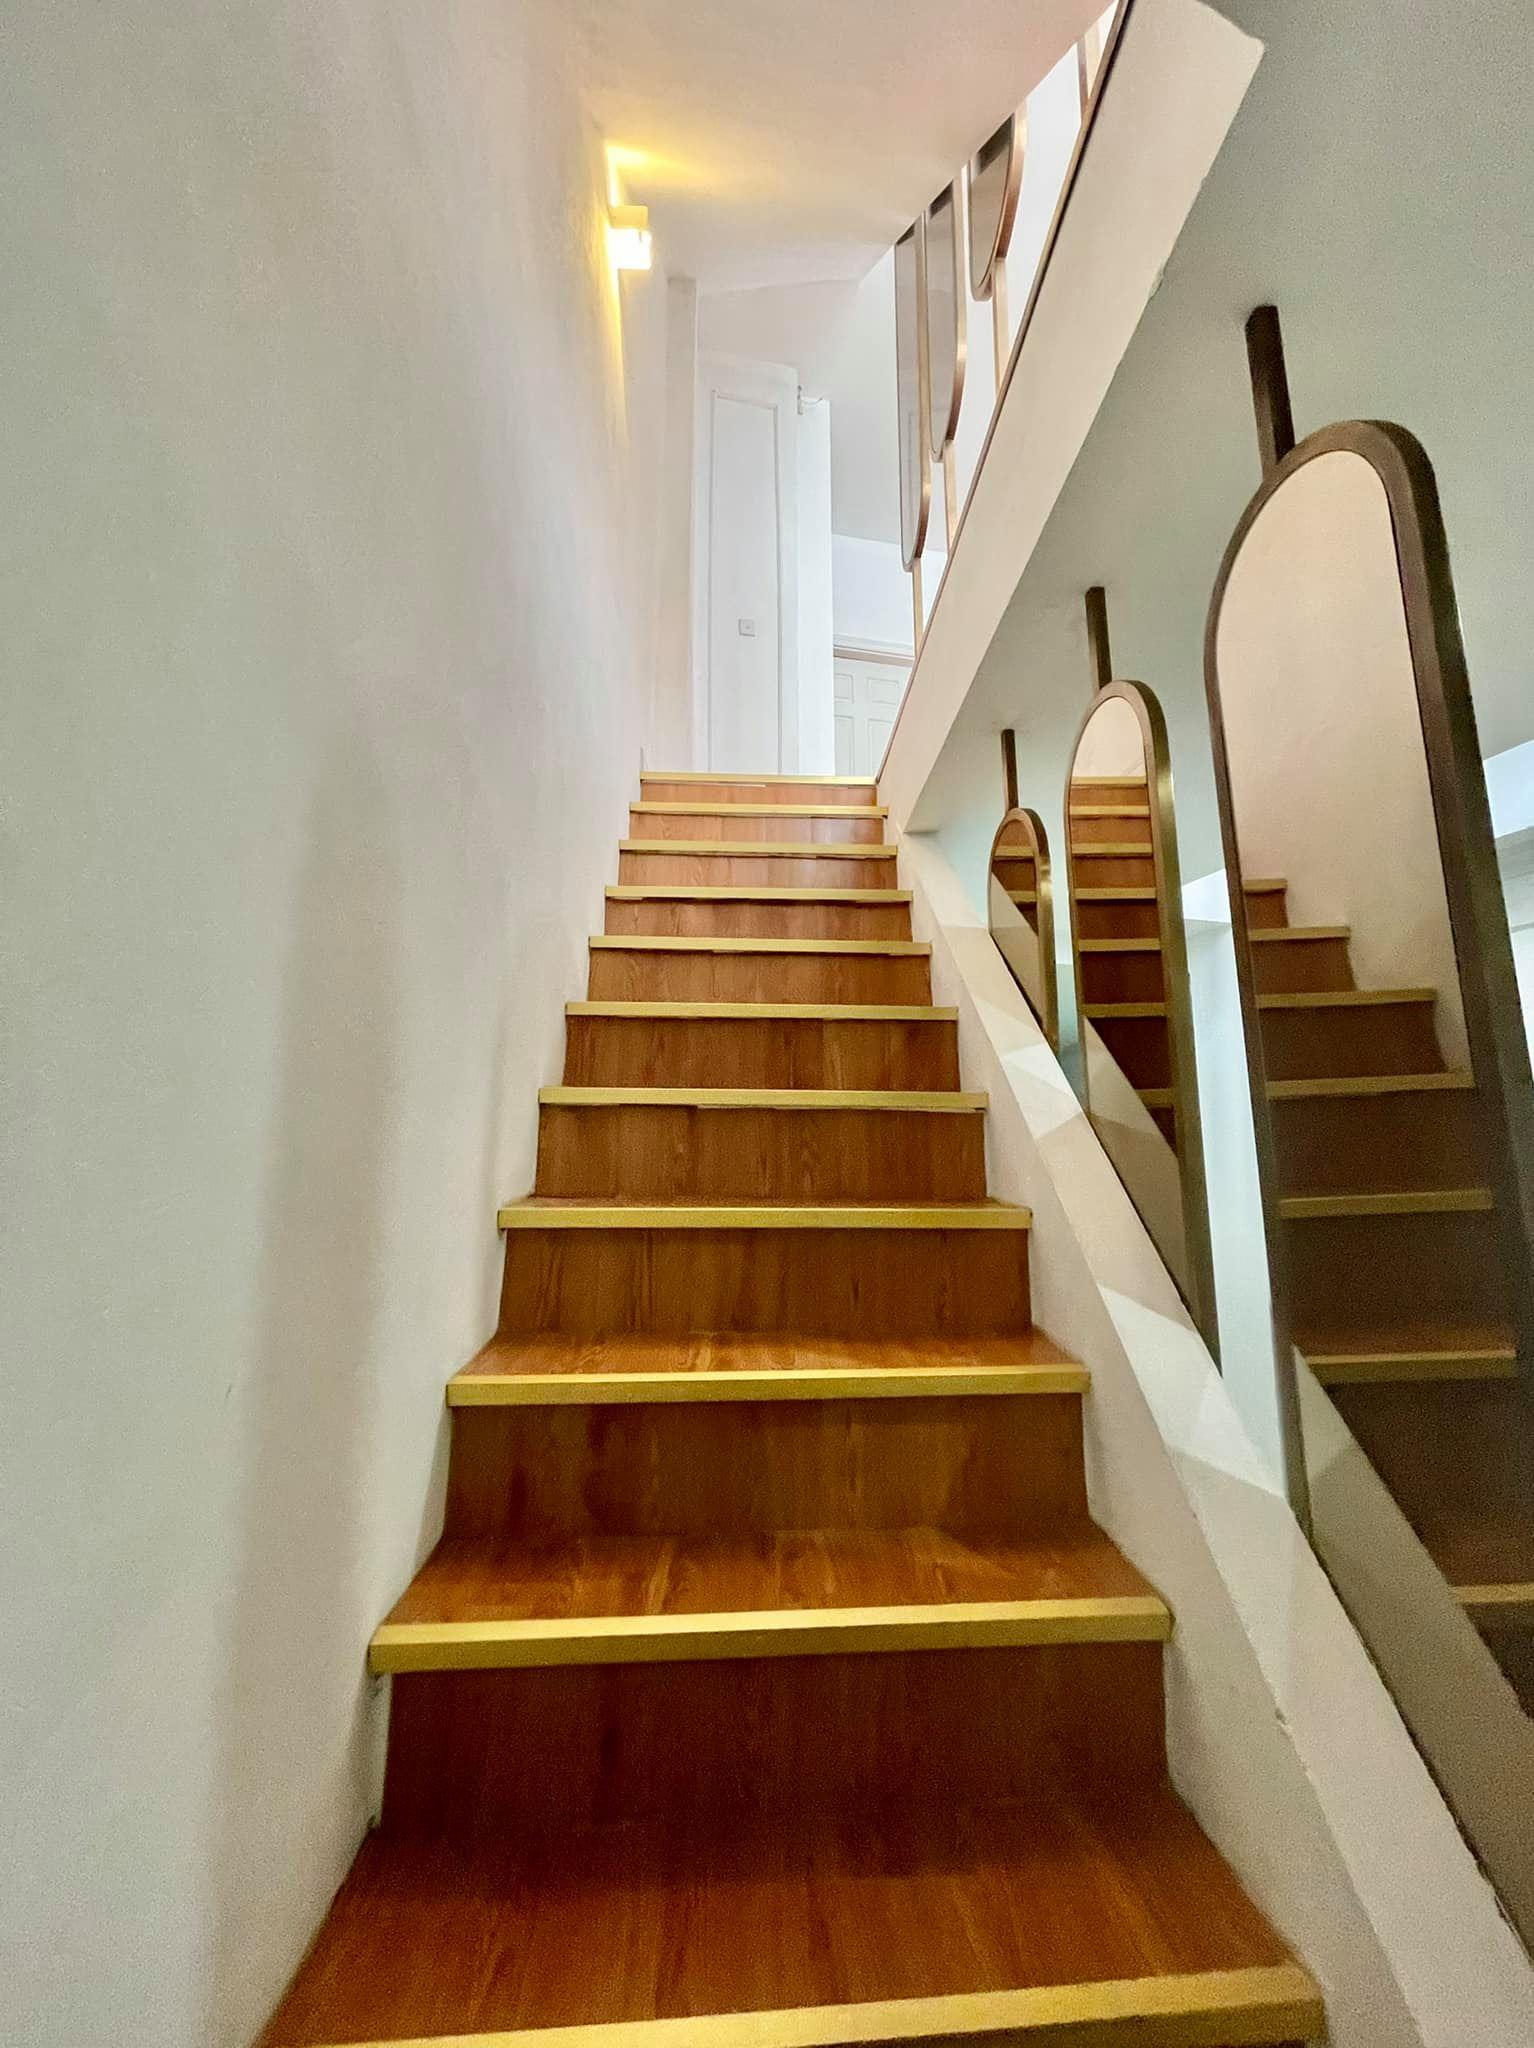 Ngôi nhà kết hợp style Á Âu của cặp vợ chồng trẻ: Phòng khách kê toàn tủ đá quý chắn lối đi, phòng ngủ sơn xanh lam khó-rời-mắt - Ảnh 7.